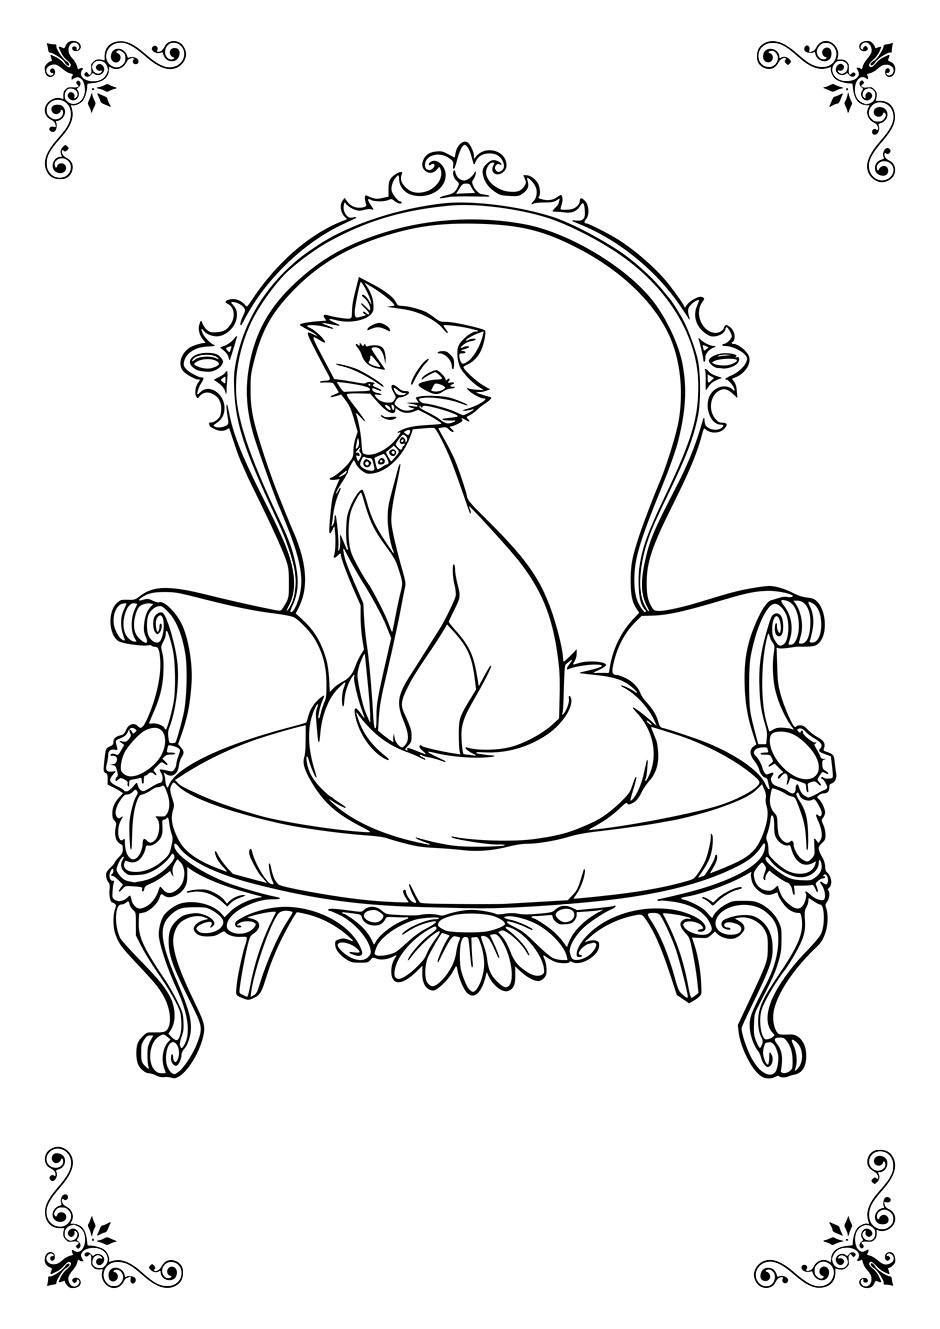 Раскраска: кошка на красивом кресле — raskraski-a4.ru